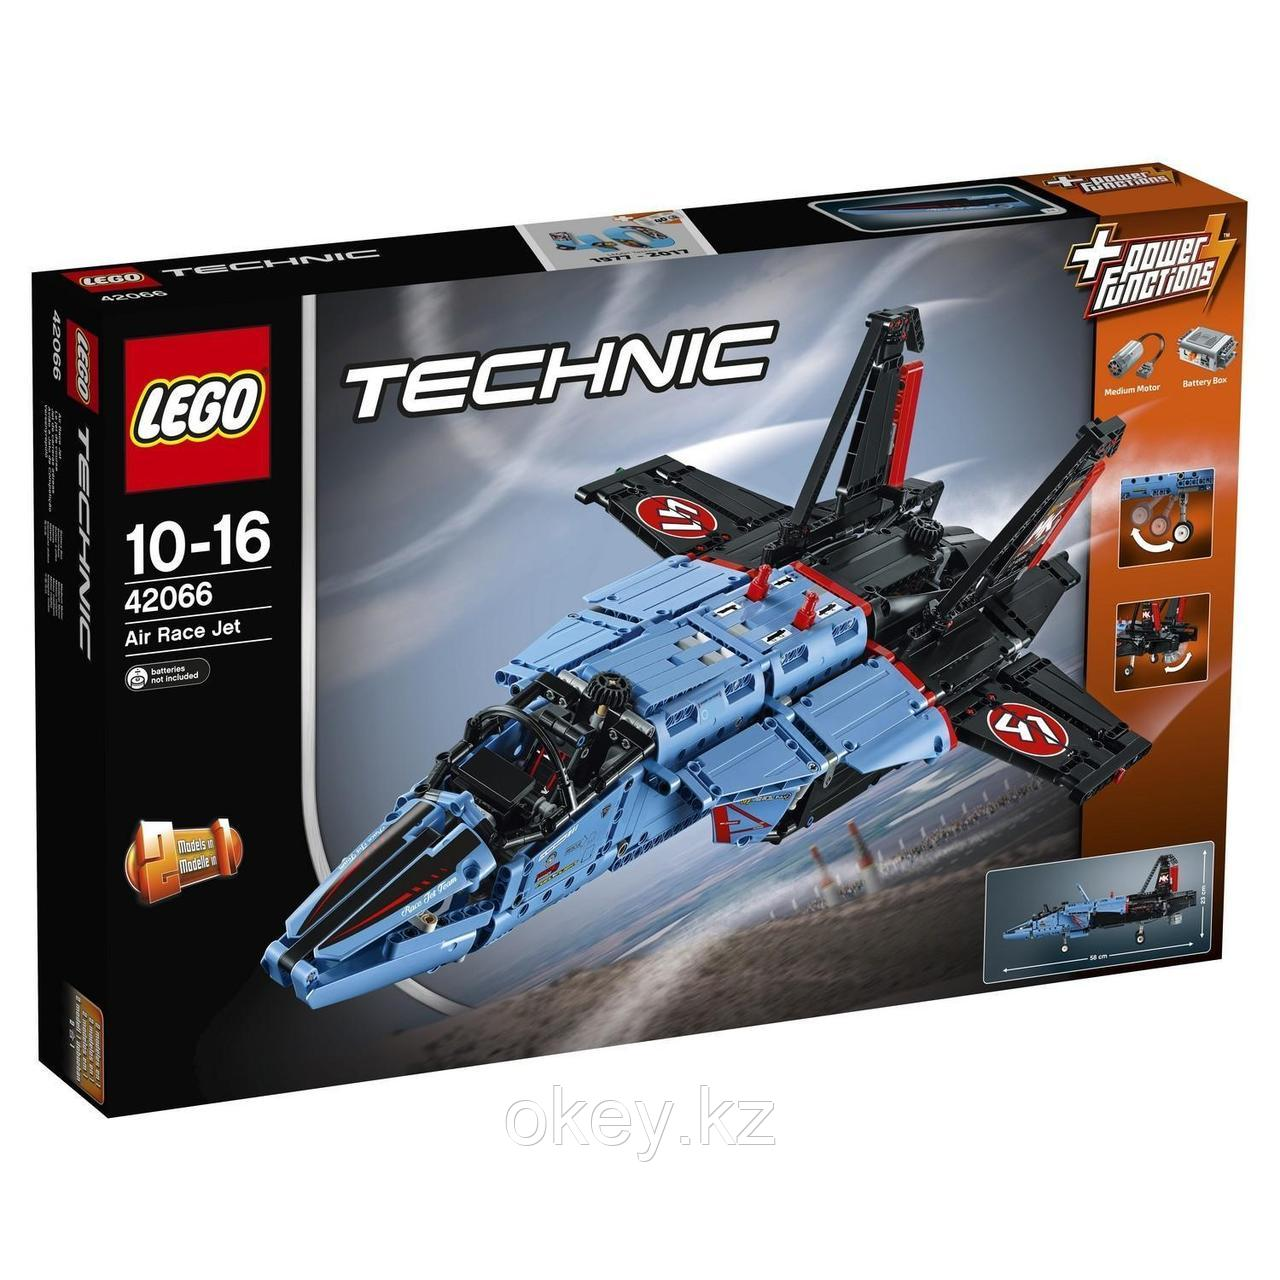 LEGO Technic: Сверхзвуковой истребитель 42066 - фото 1